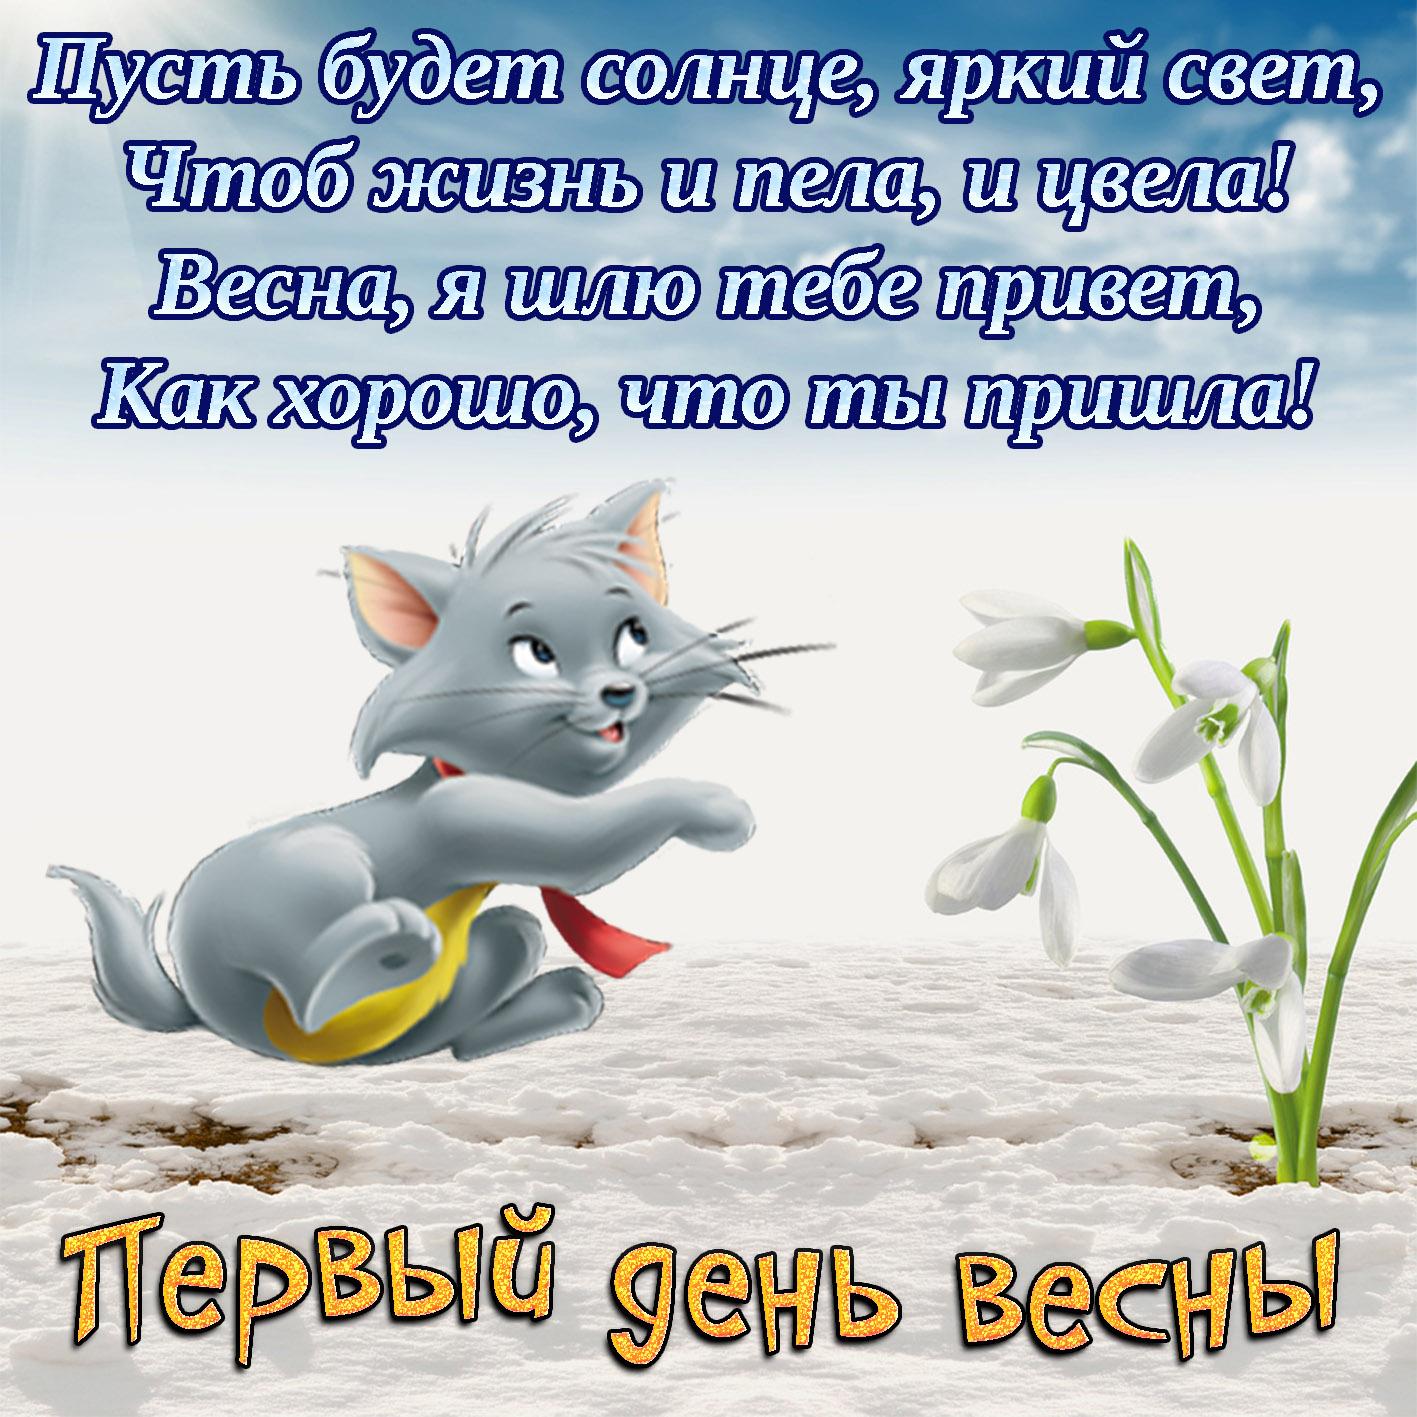 Поздравления с первым днем весны ᐈ приметы на 1 марта - новости на kp.ua